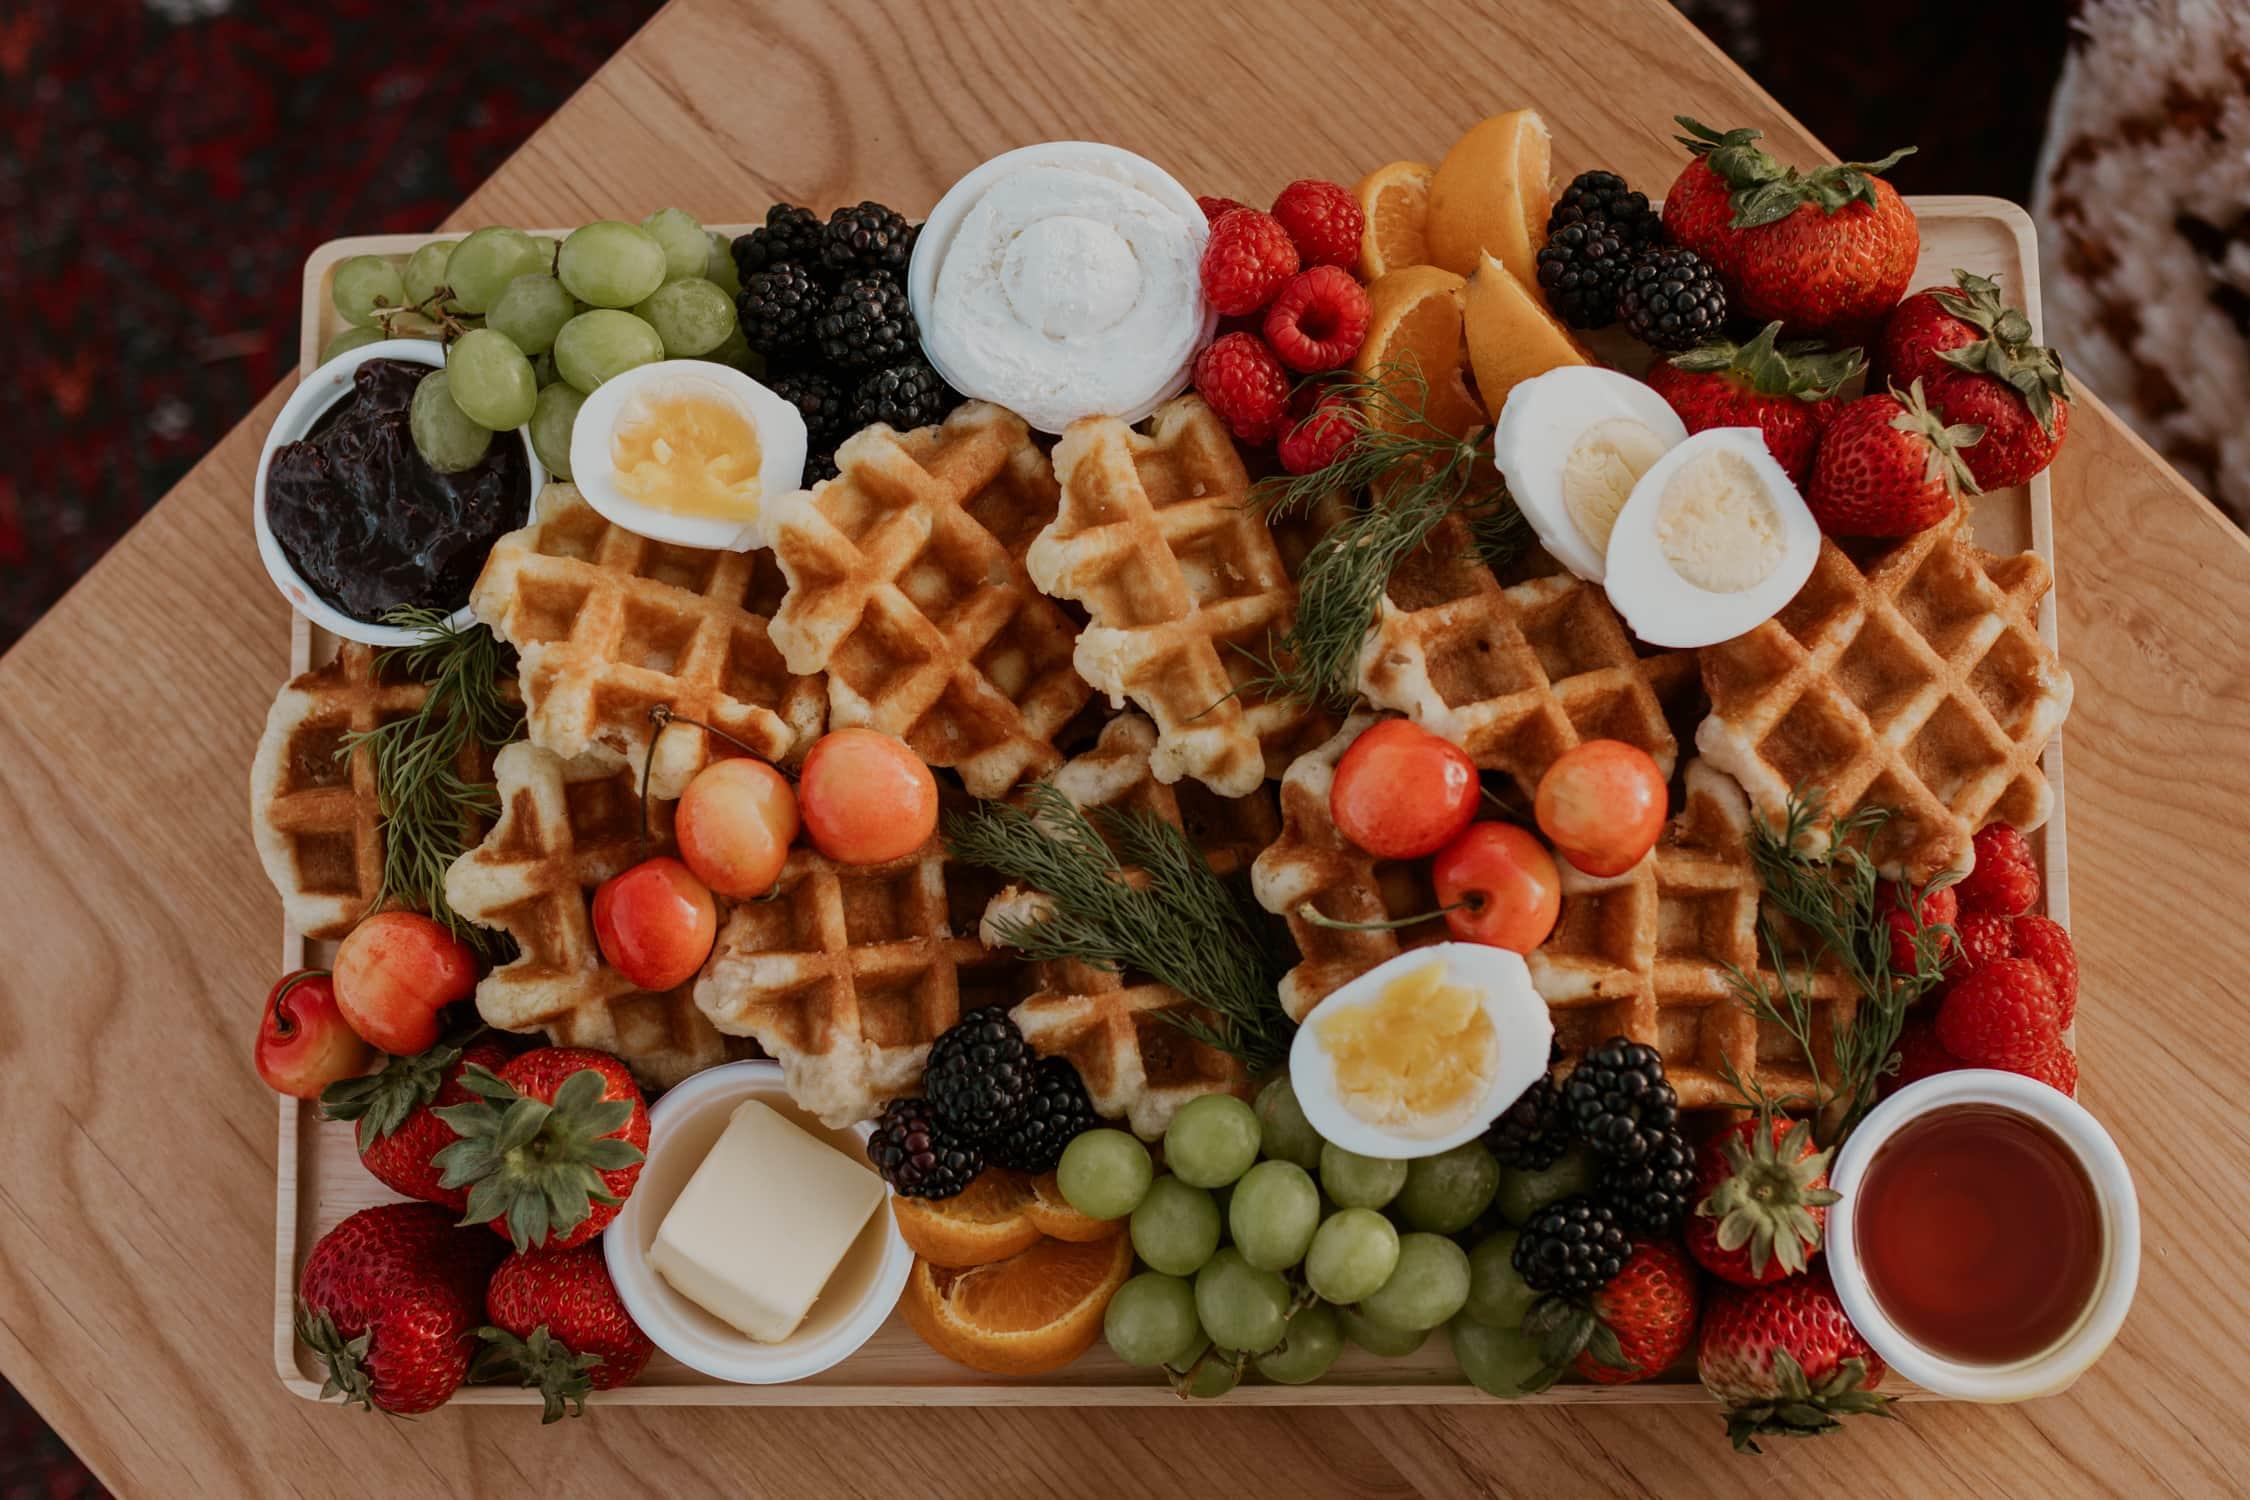 A breakfast charcuterie board.